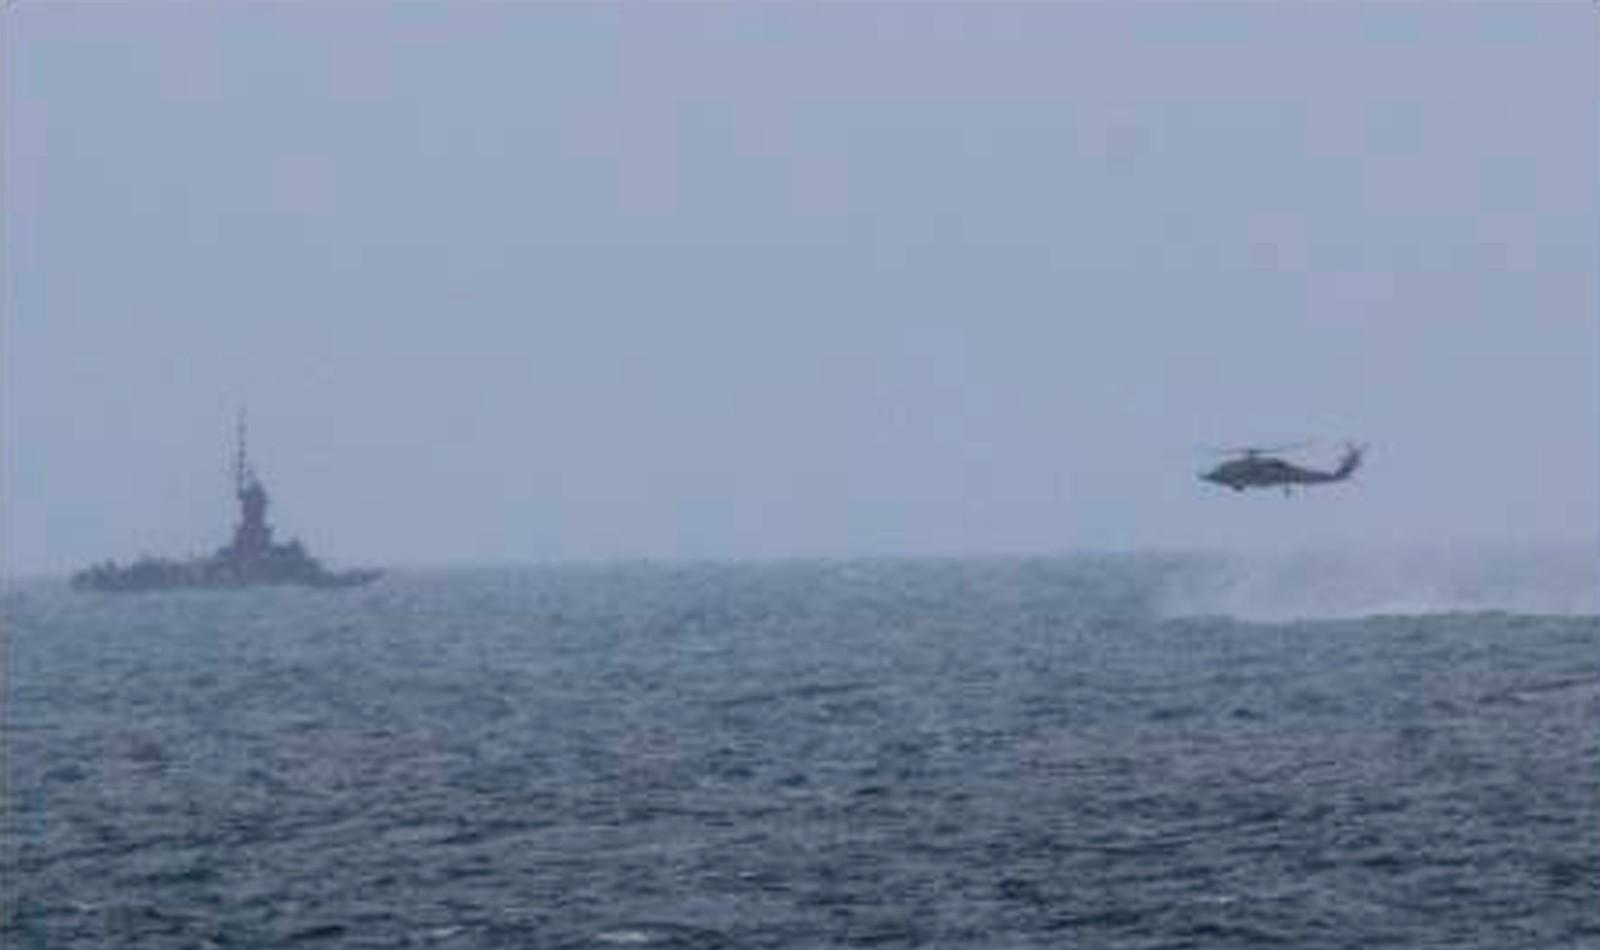 Et helikopter tilknyttet det amerikanske marinefartøyet USS Sampson flyr mot et indonesisk patruljefartøy under søket etter vrakdeler i Javasjøen onsdag.